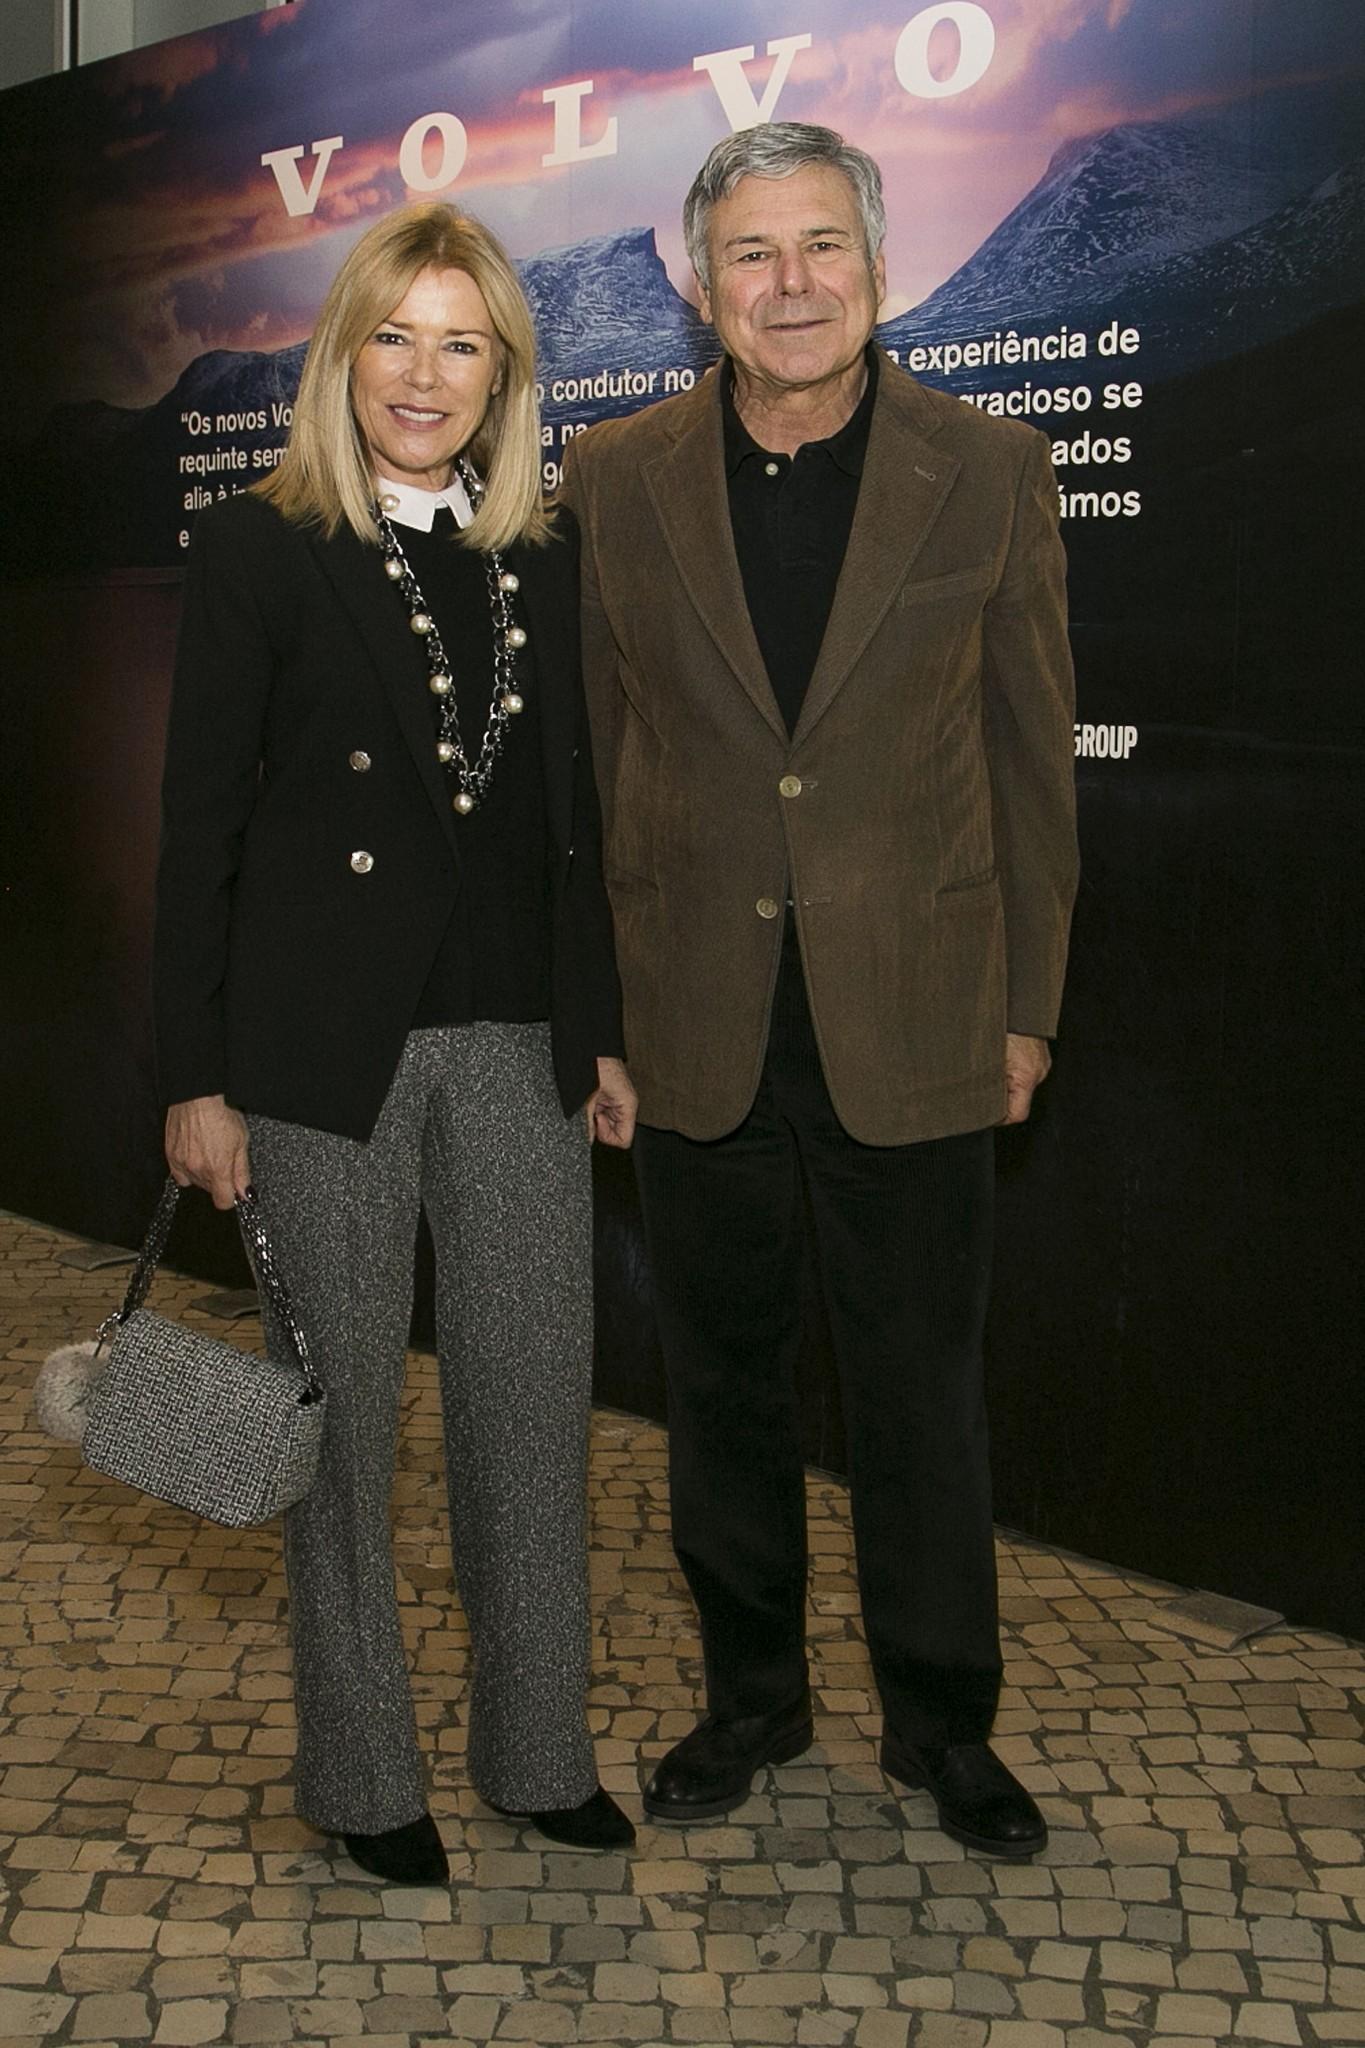 Maria José Galvaão e Humberto Leal